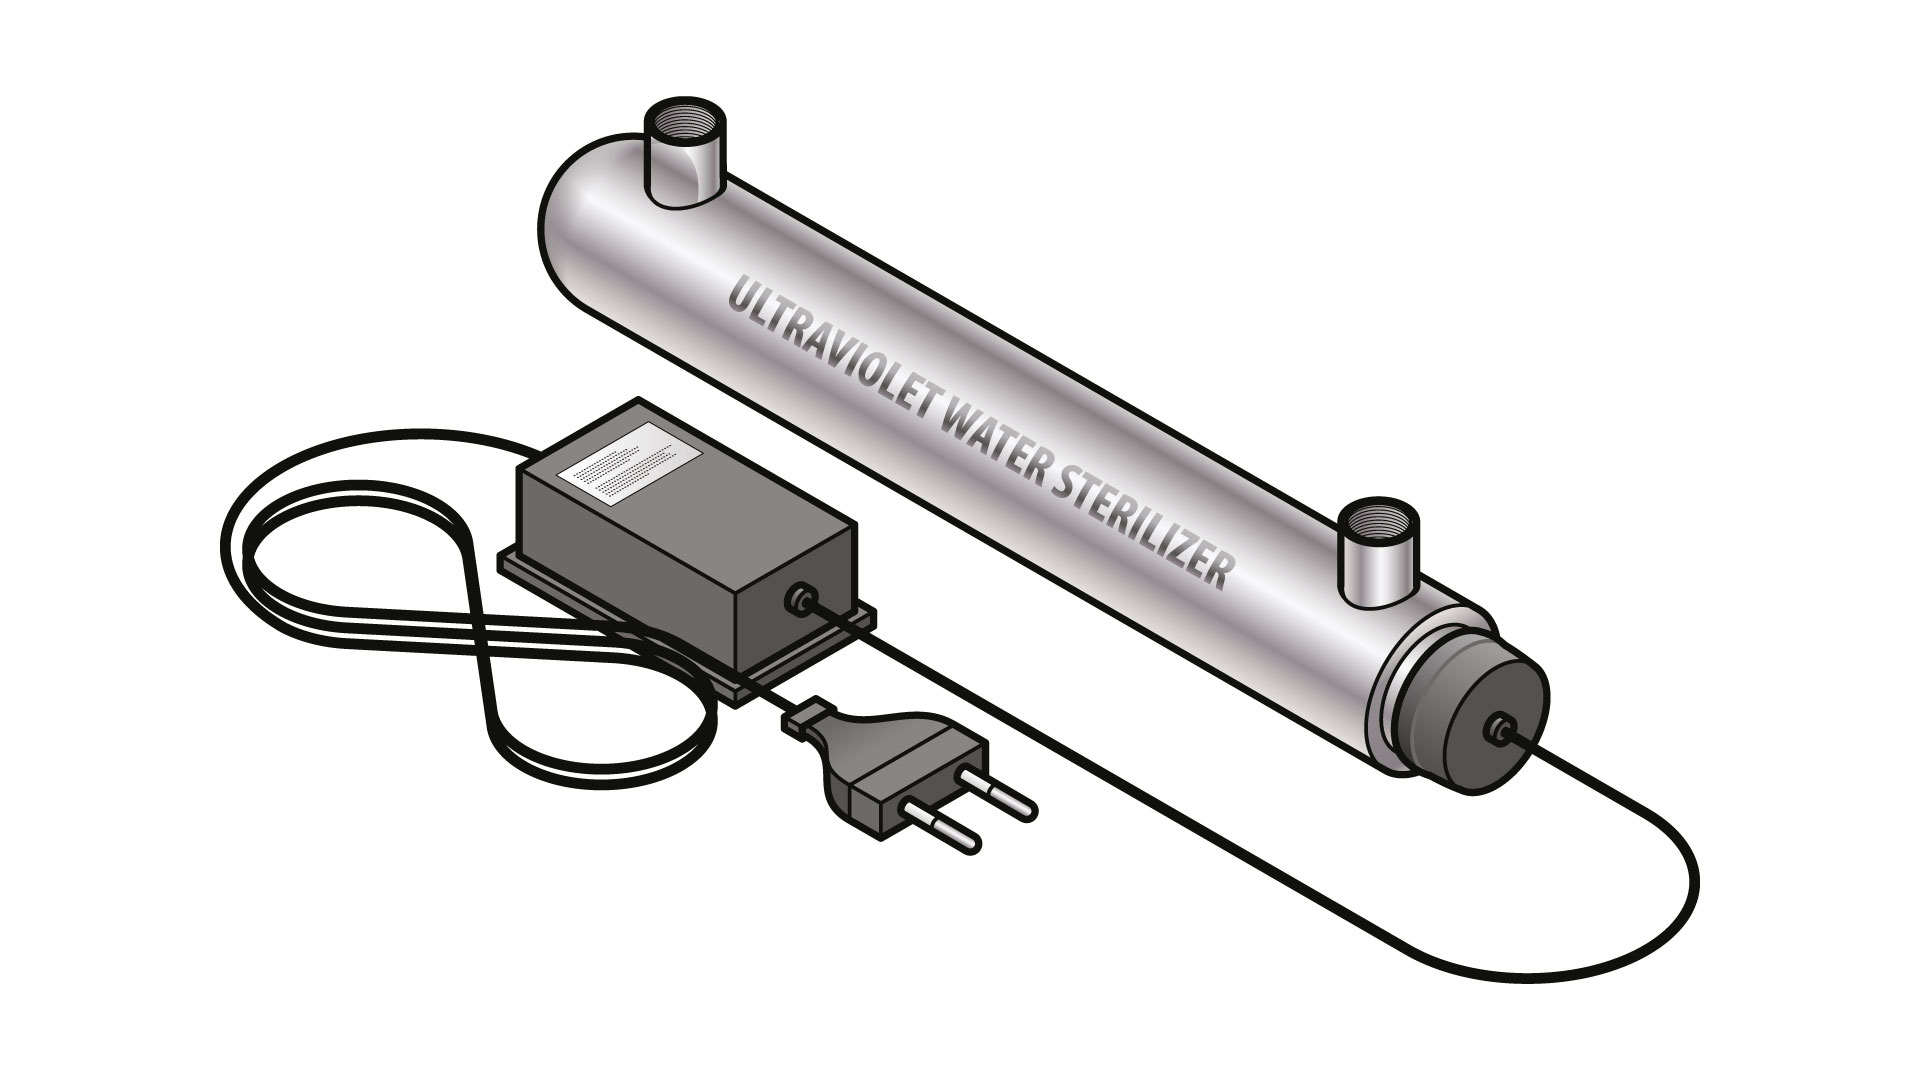 Ultraviyole Sistemleri